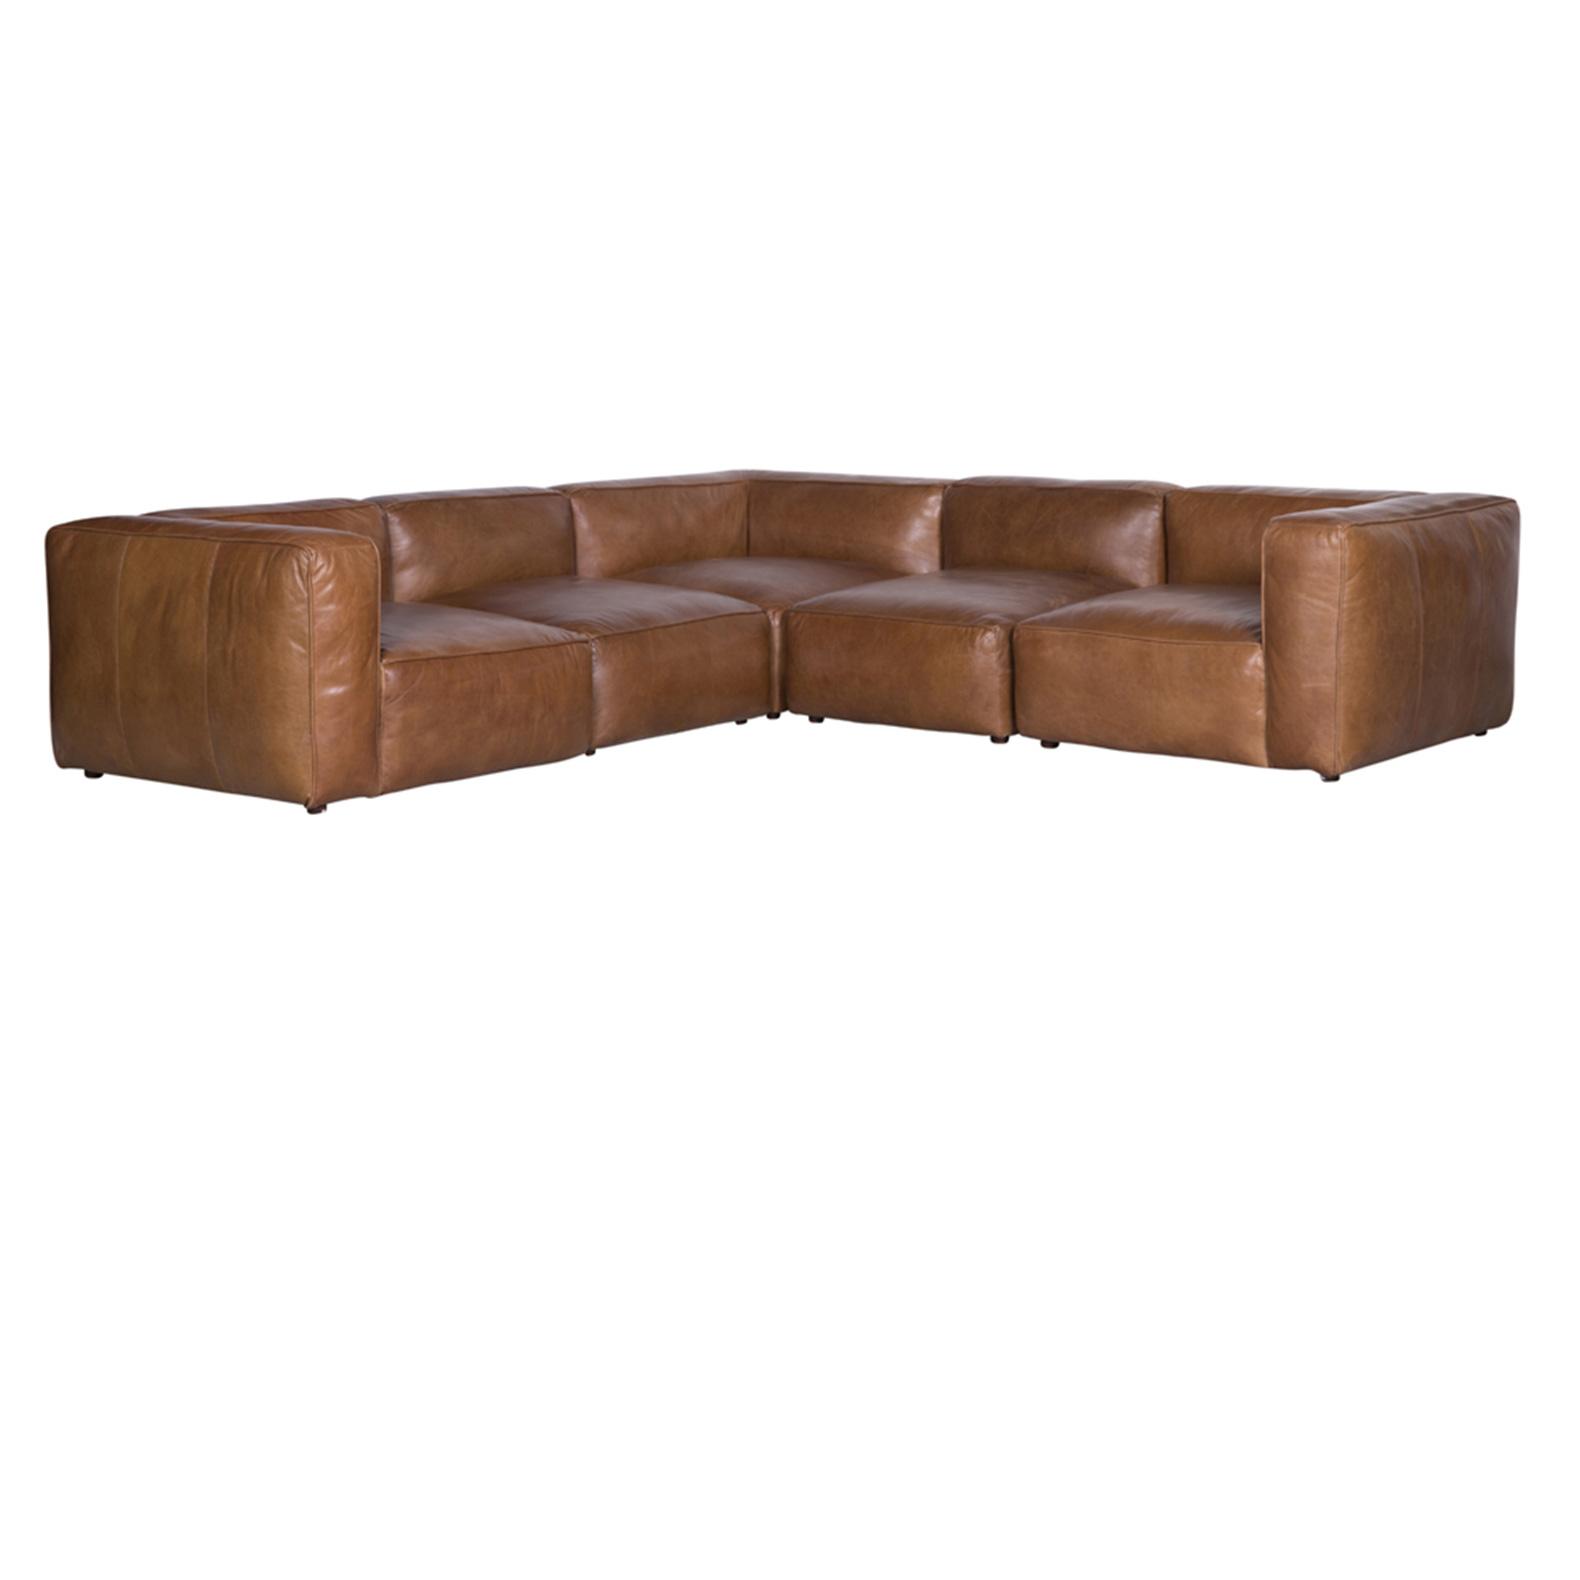 Vintage eck sofa  Charme de Provence - Flamant Sofas, Ledersofas Flamant